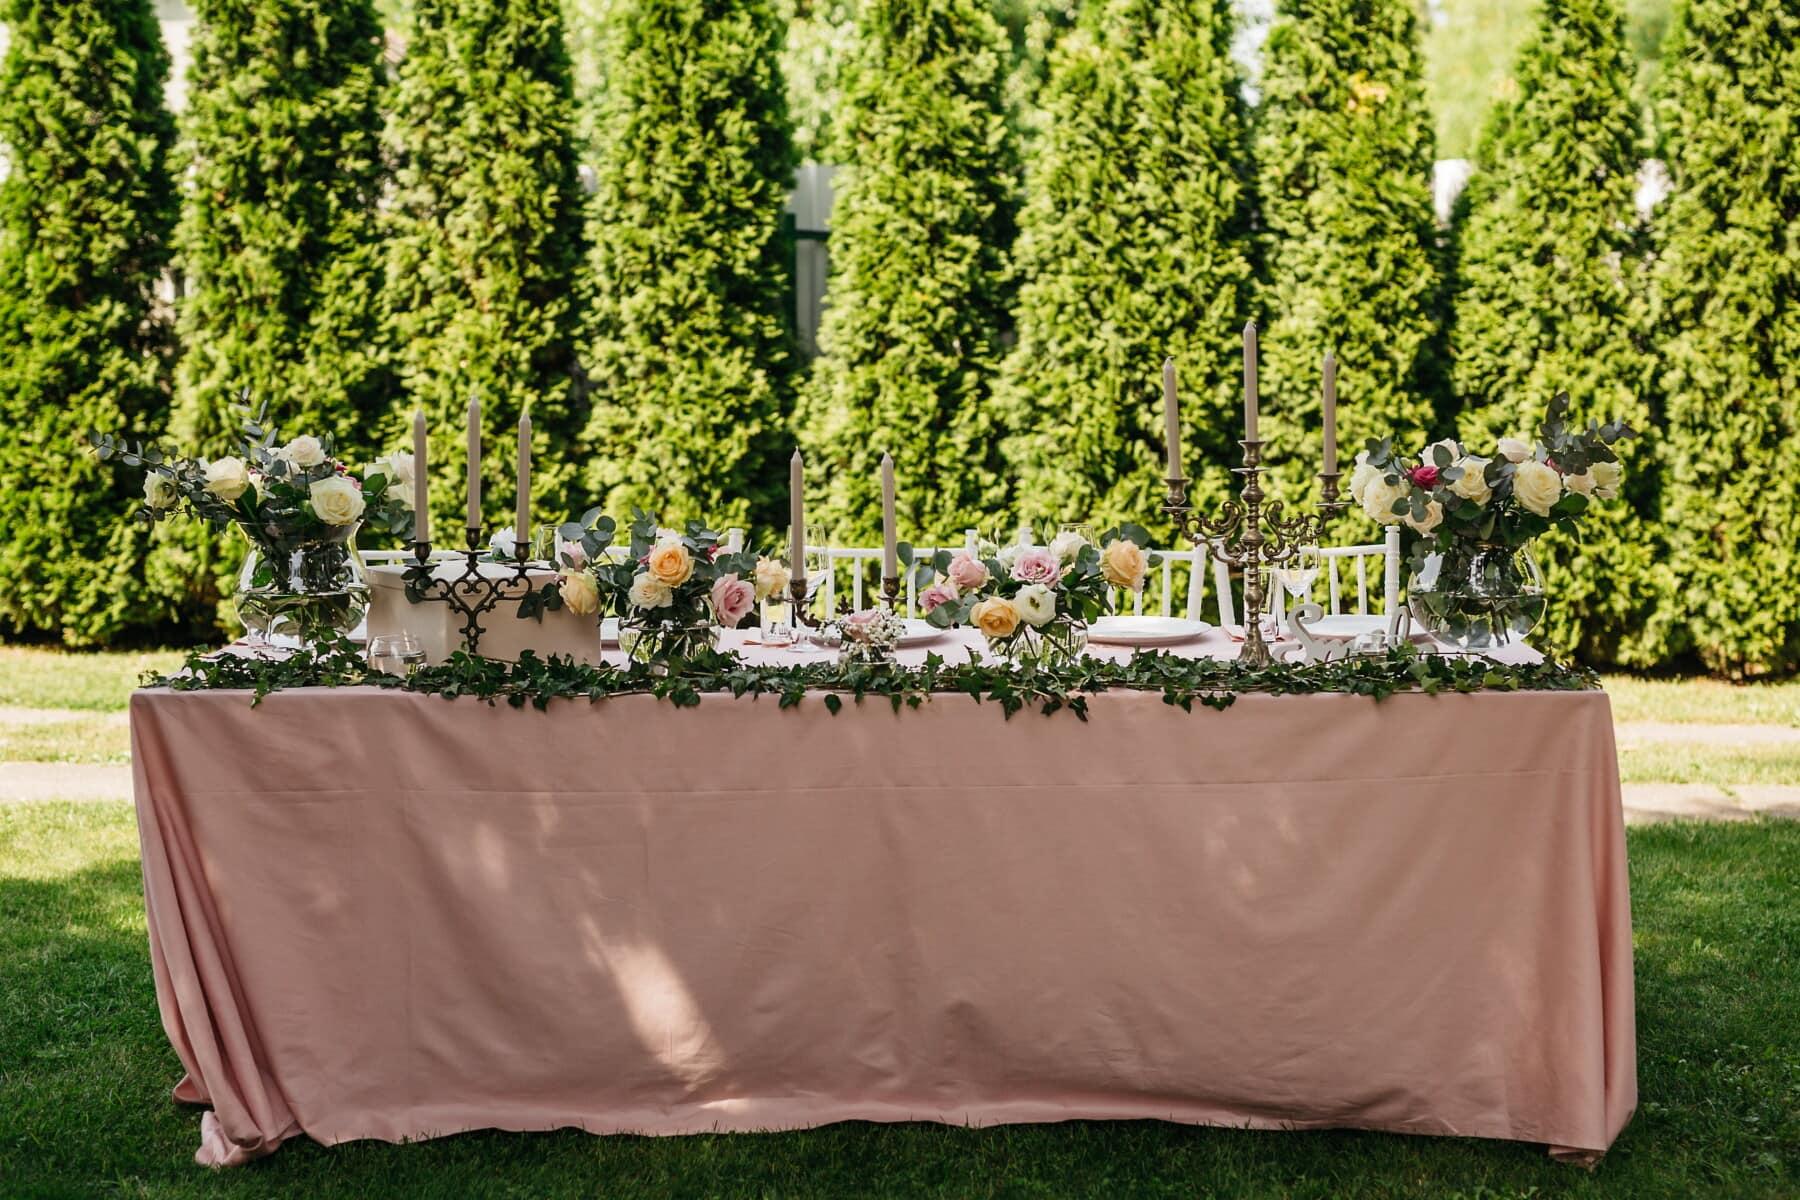 jardin, déjeuner, table, fantaisie, vaisselle, chandelier, arrière-cour, bougies, réception, fleur